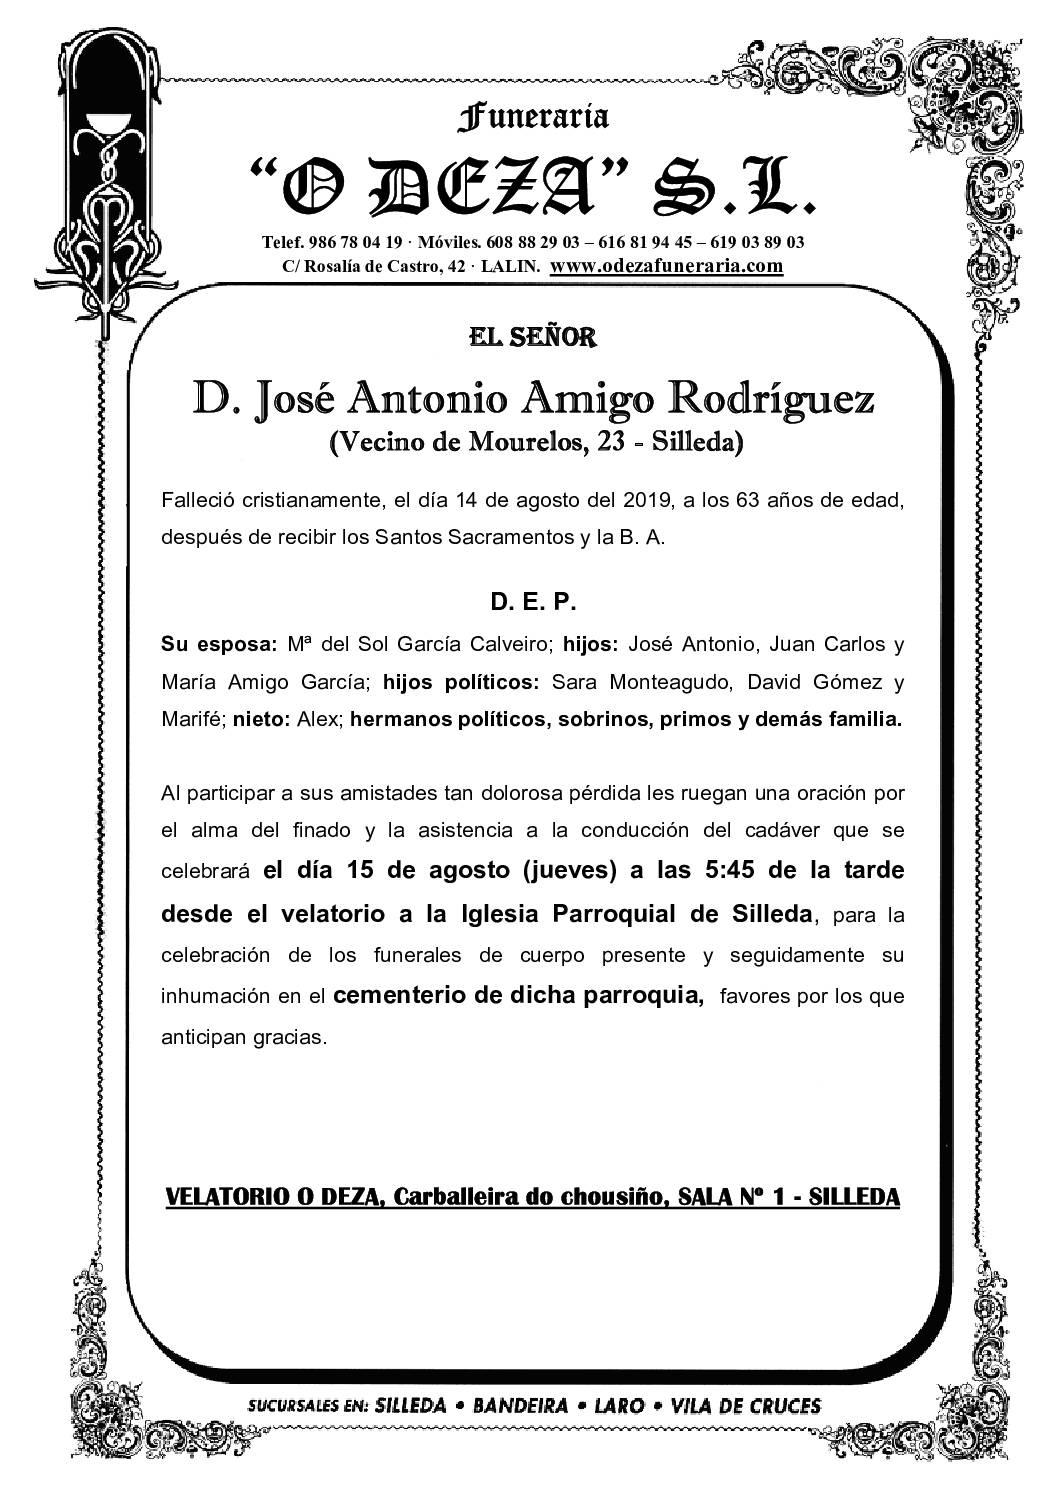 D. JOSÉ ANTONIO AMIGO RODRÍGUEZ